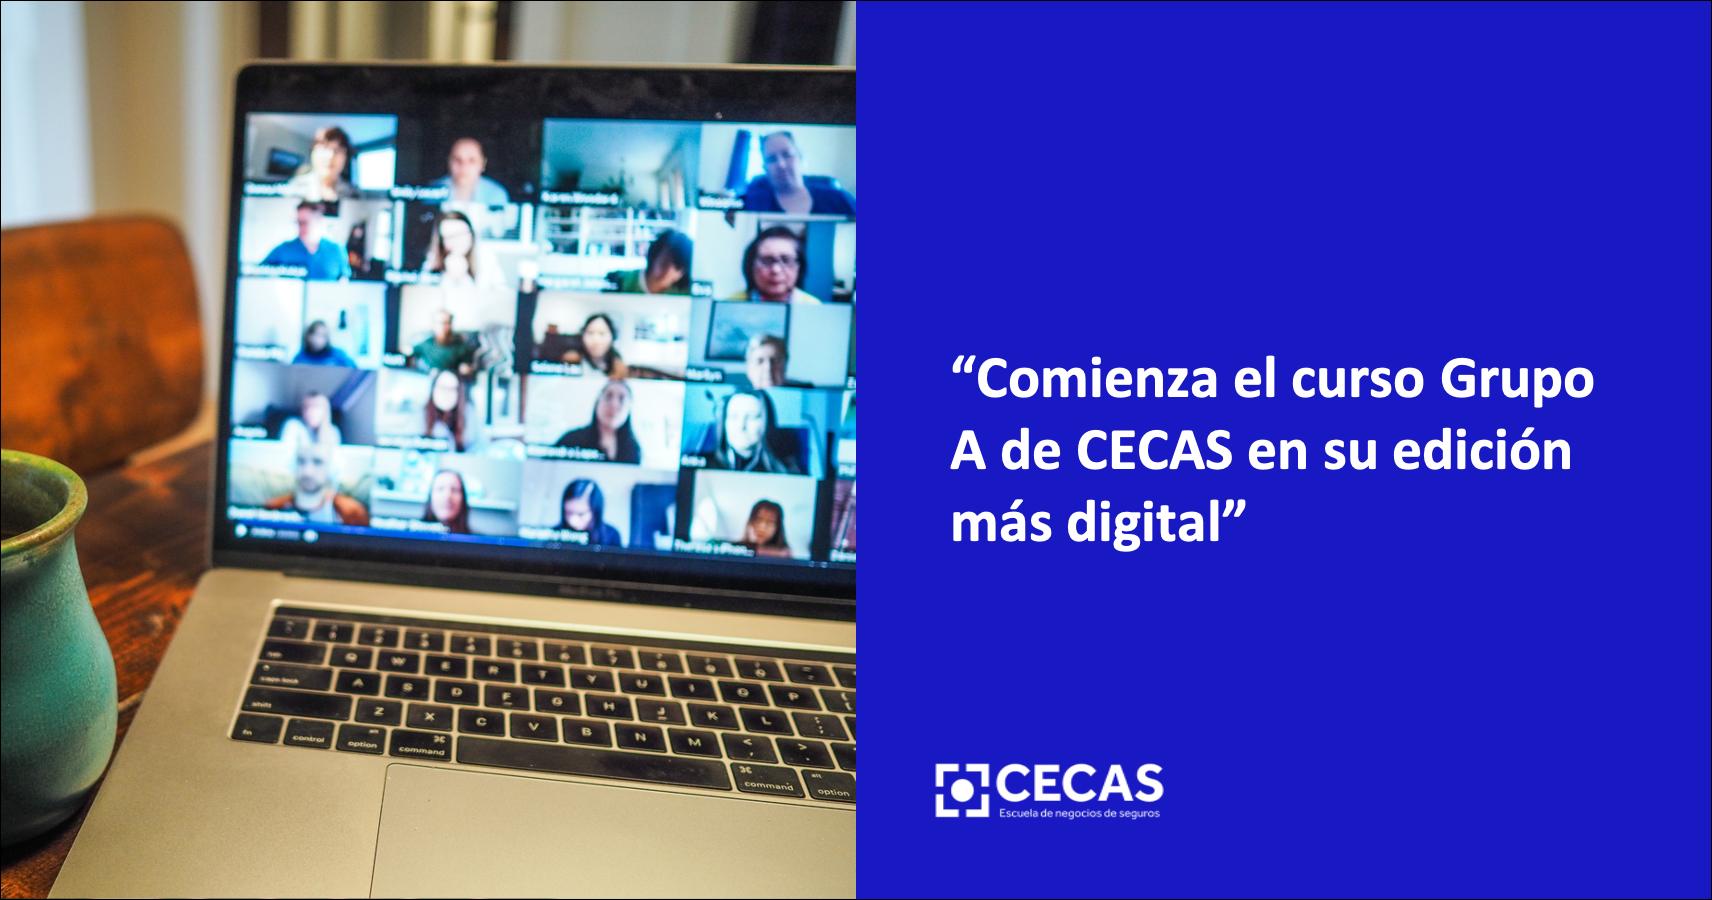 Comienza el curso Grupo A de CECAS en su edición más digital